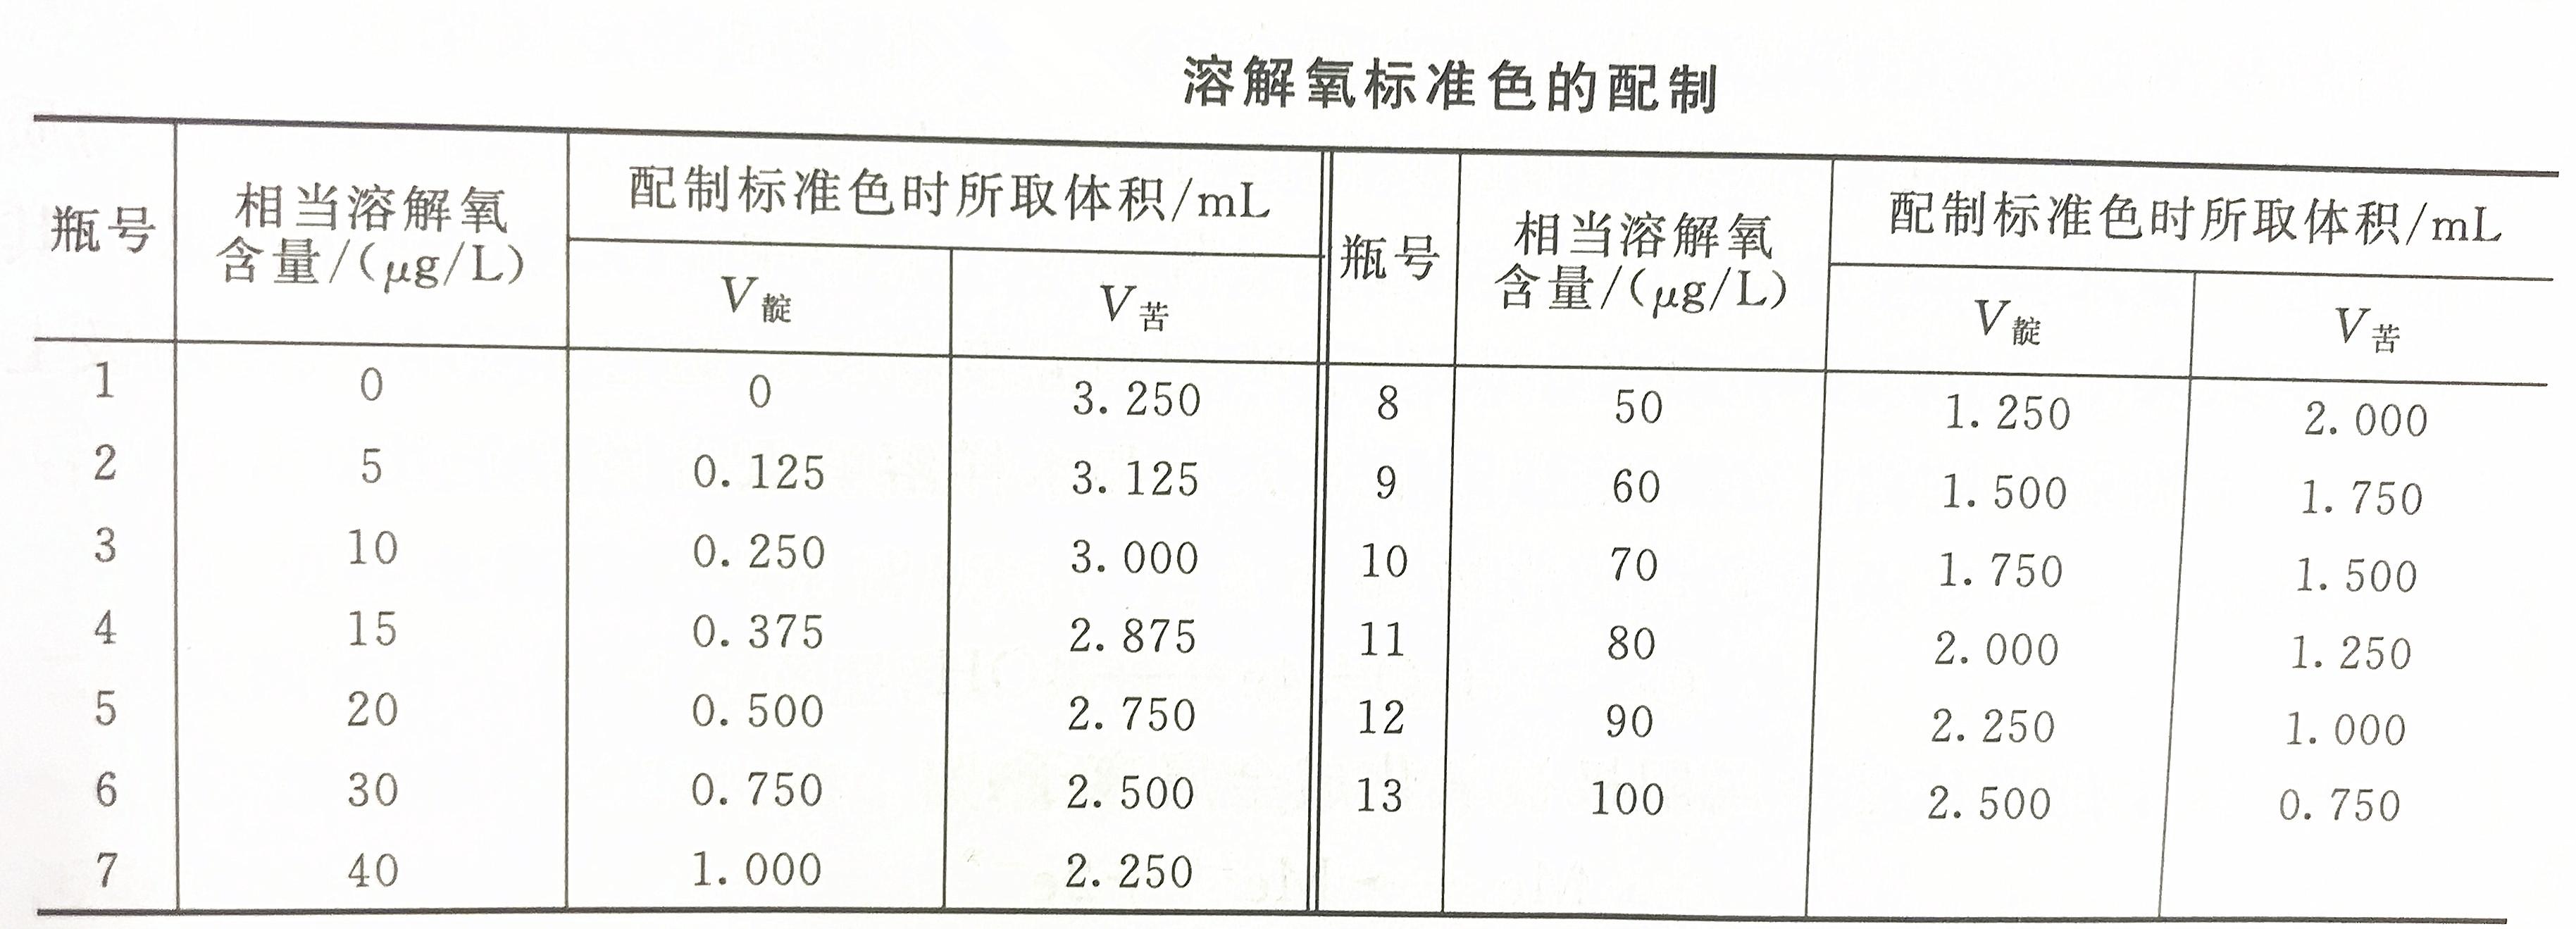 溶解氧标准色配制表